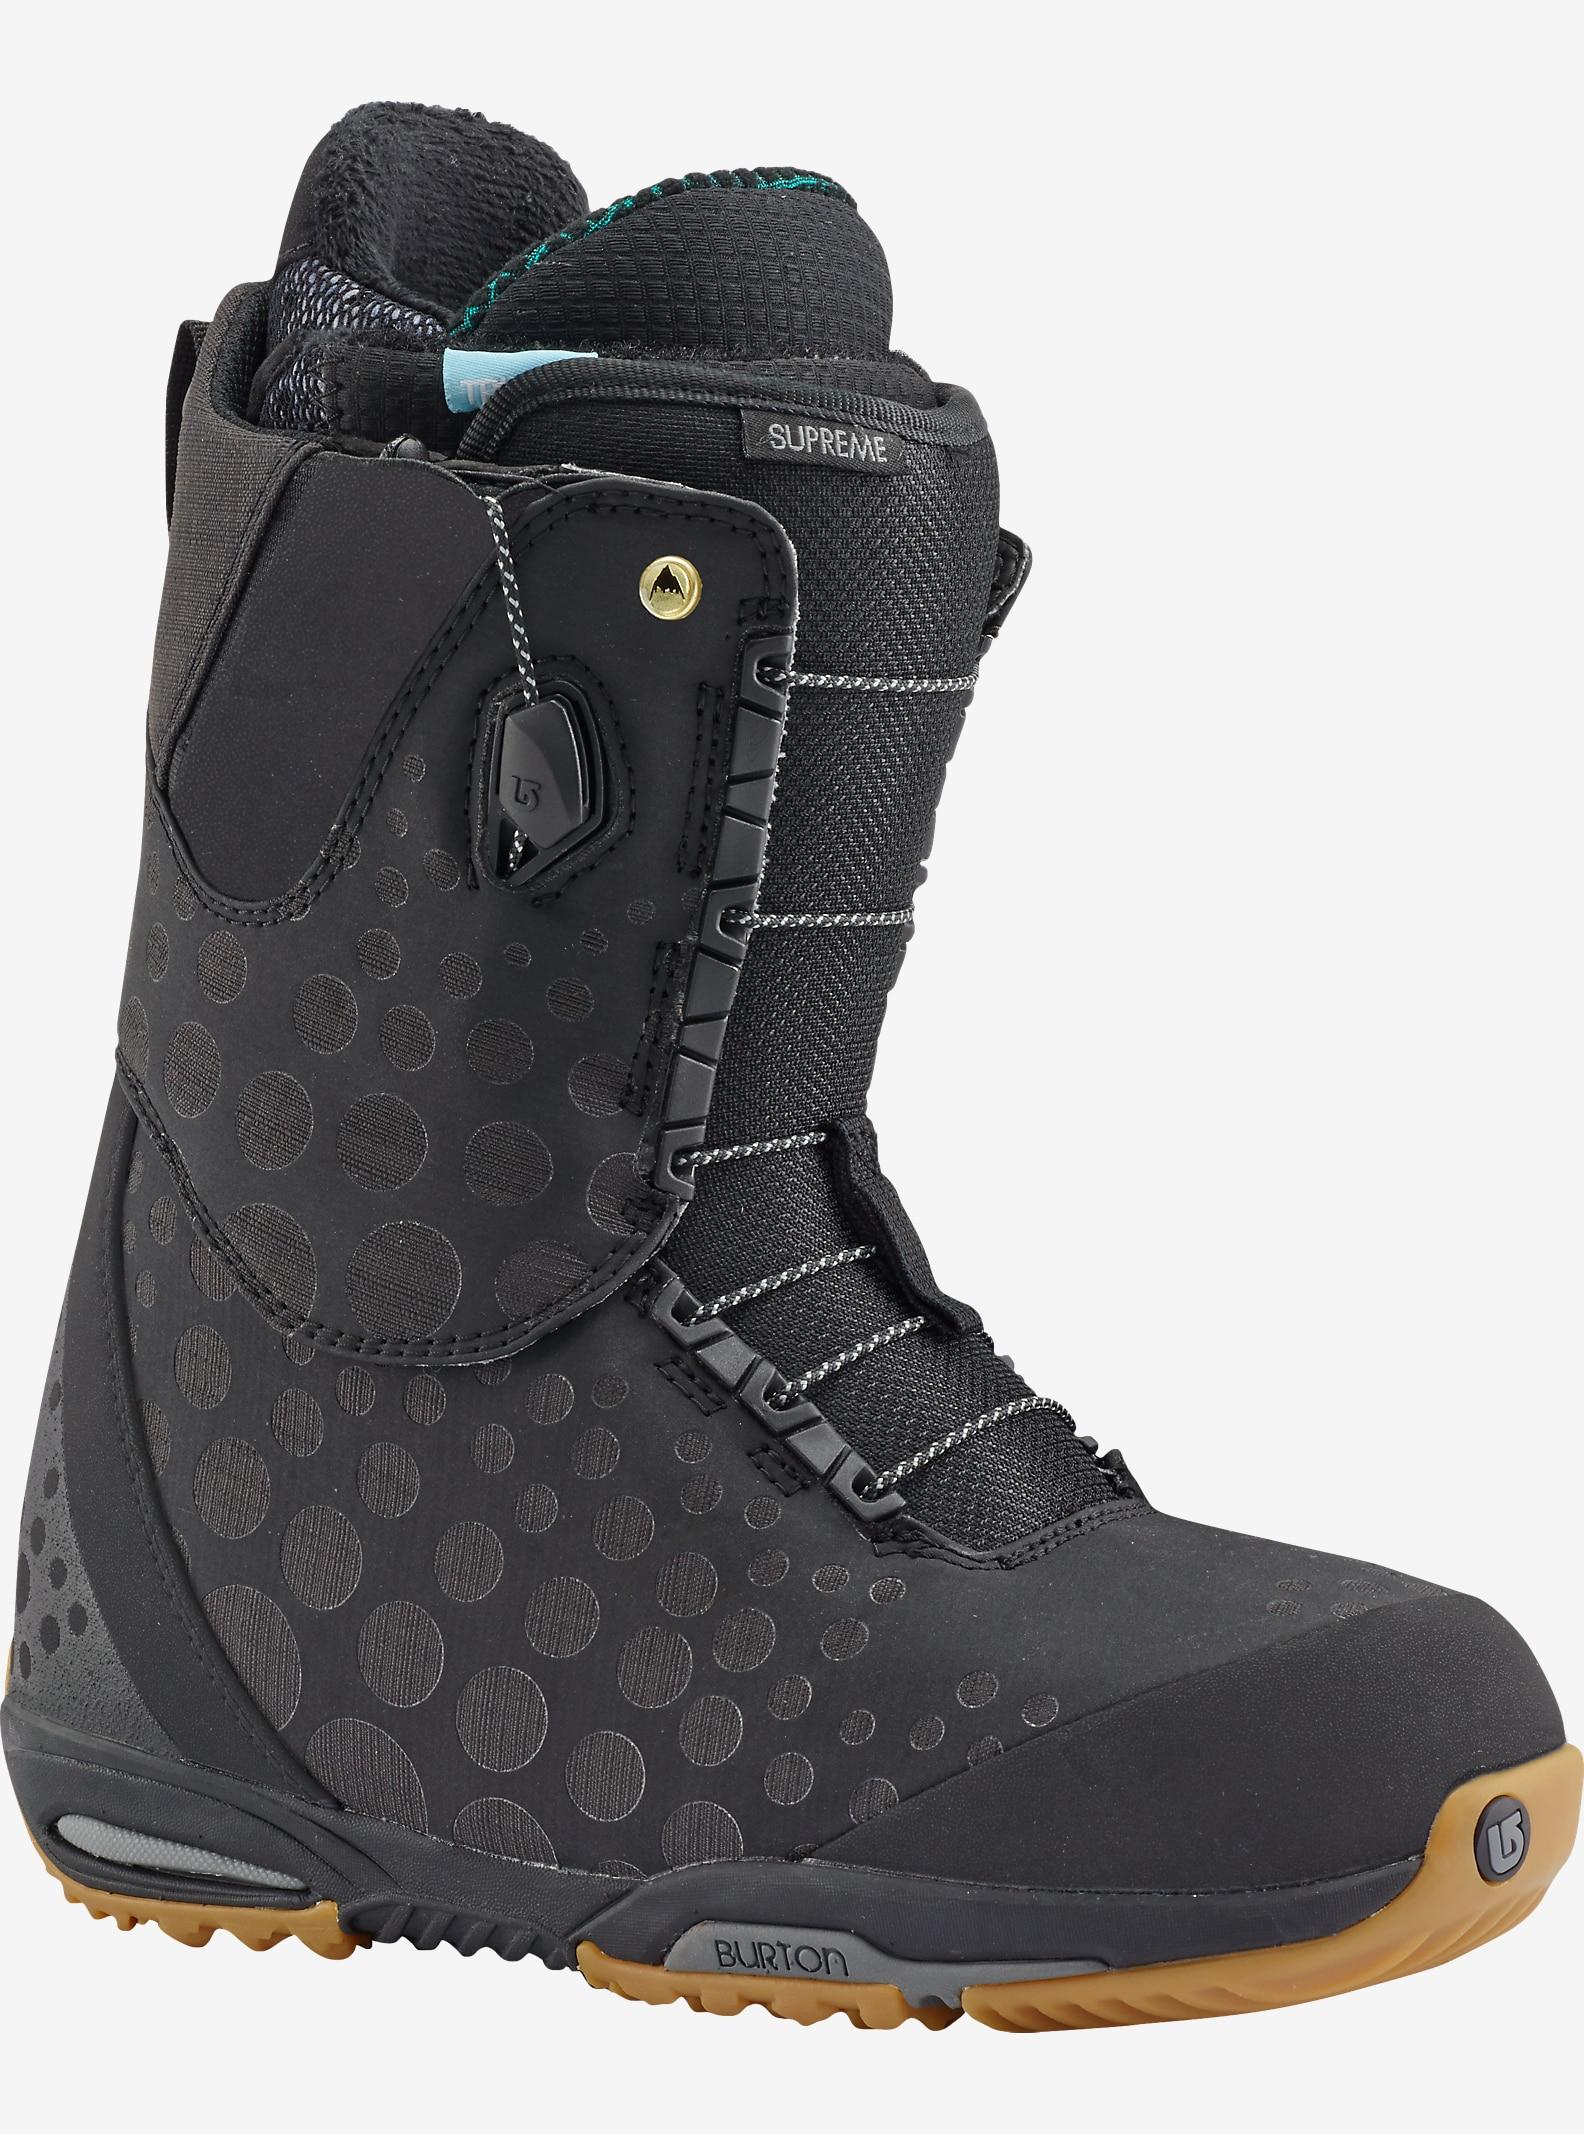 Burton Supreme Snowboard Boot shown in Black